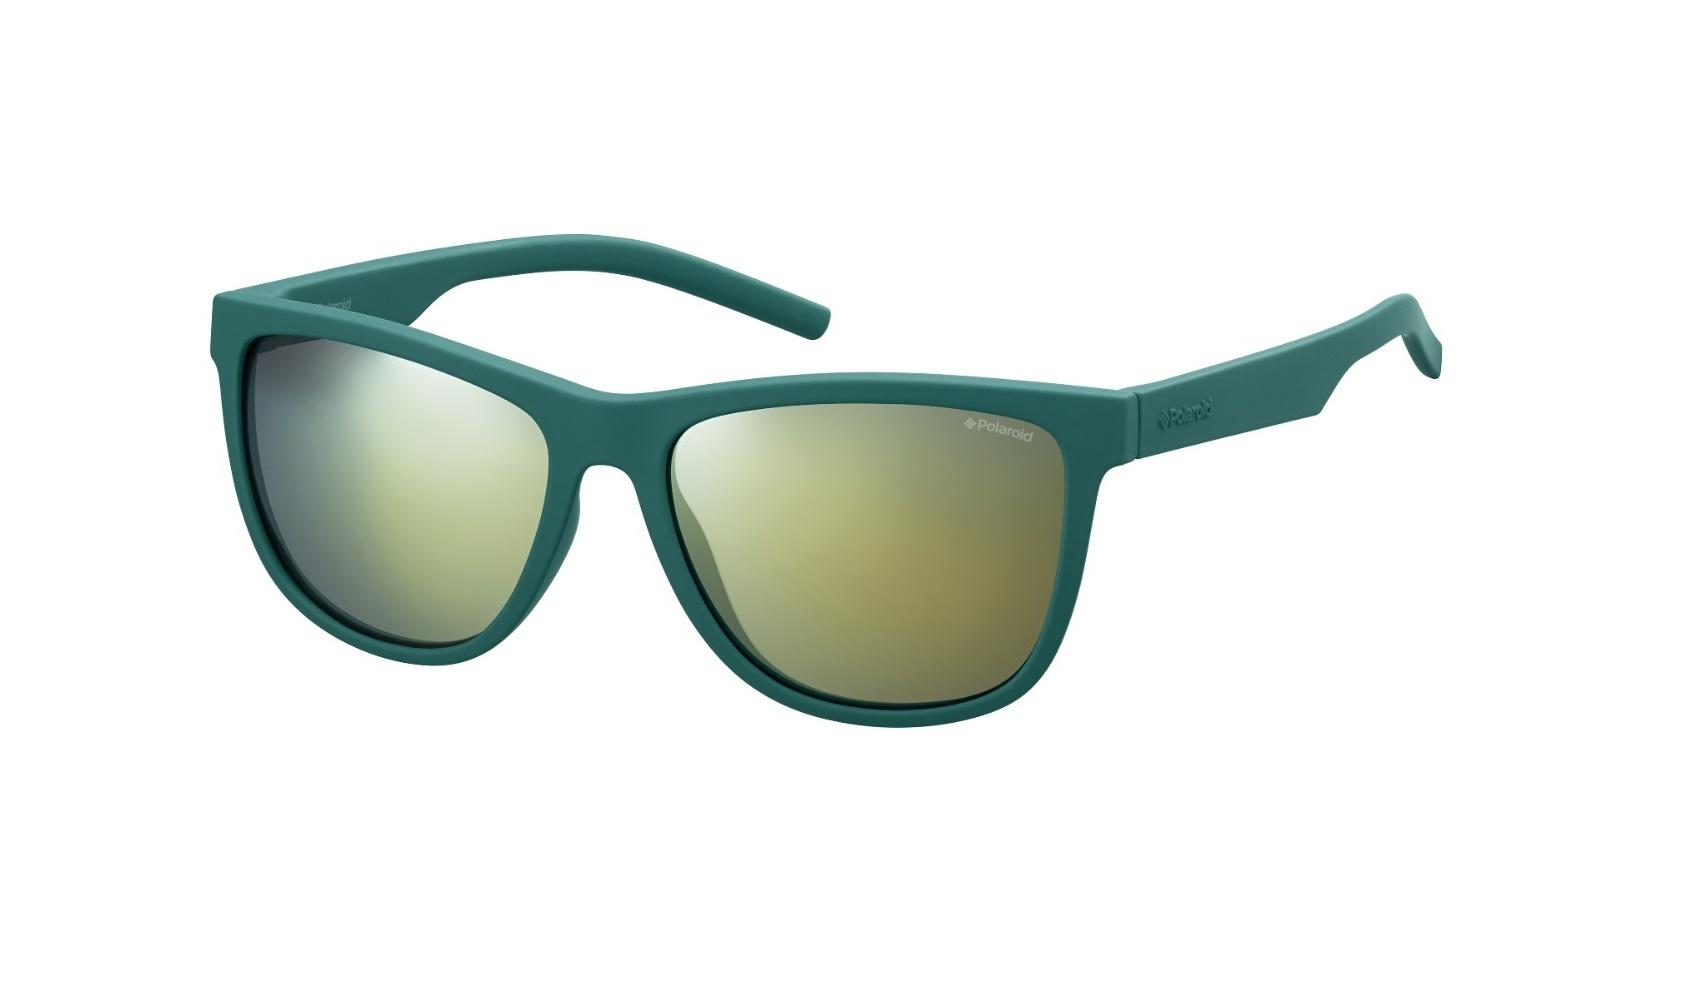 Polaroıd Pld 6014/s Vwalm Unisex Güneş Gözlüğü